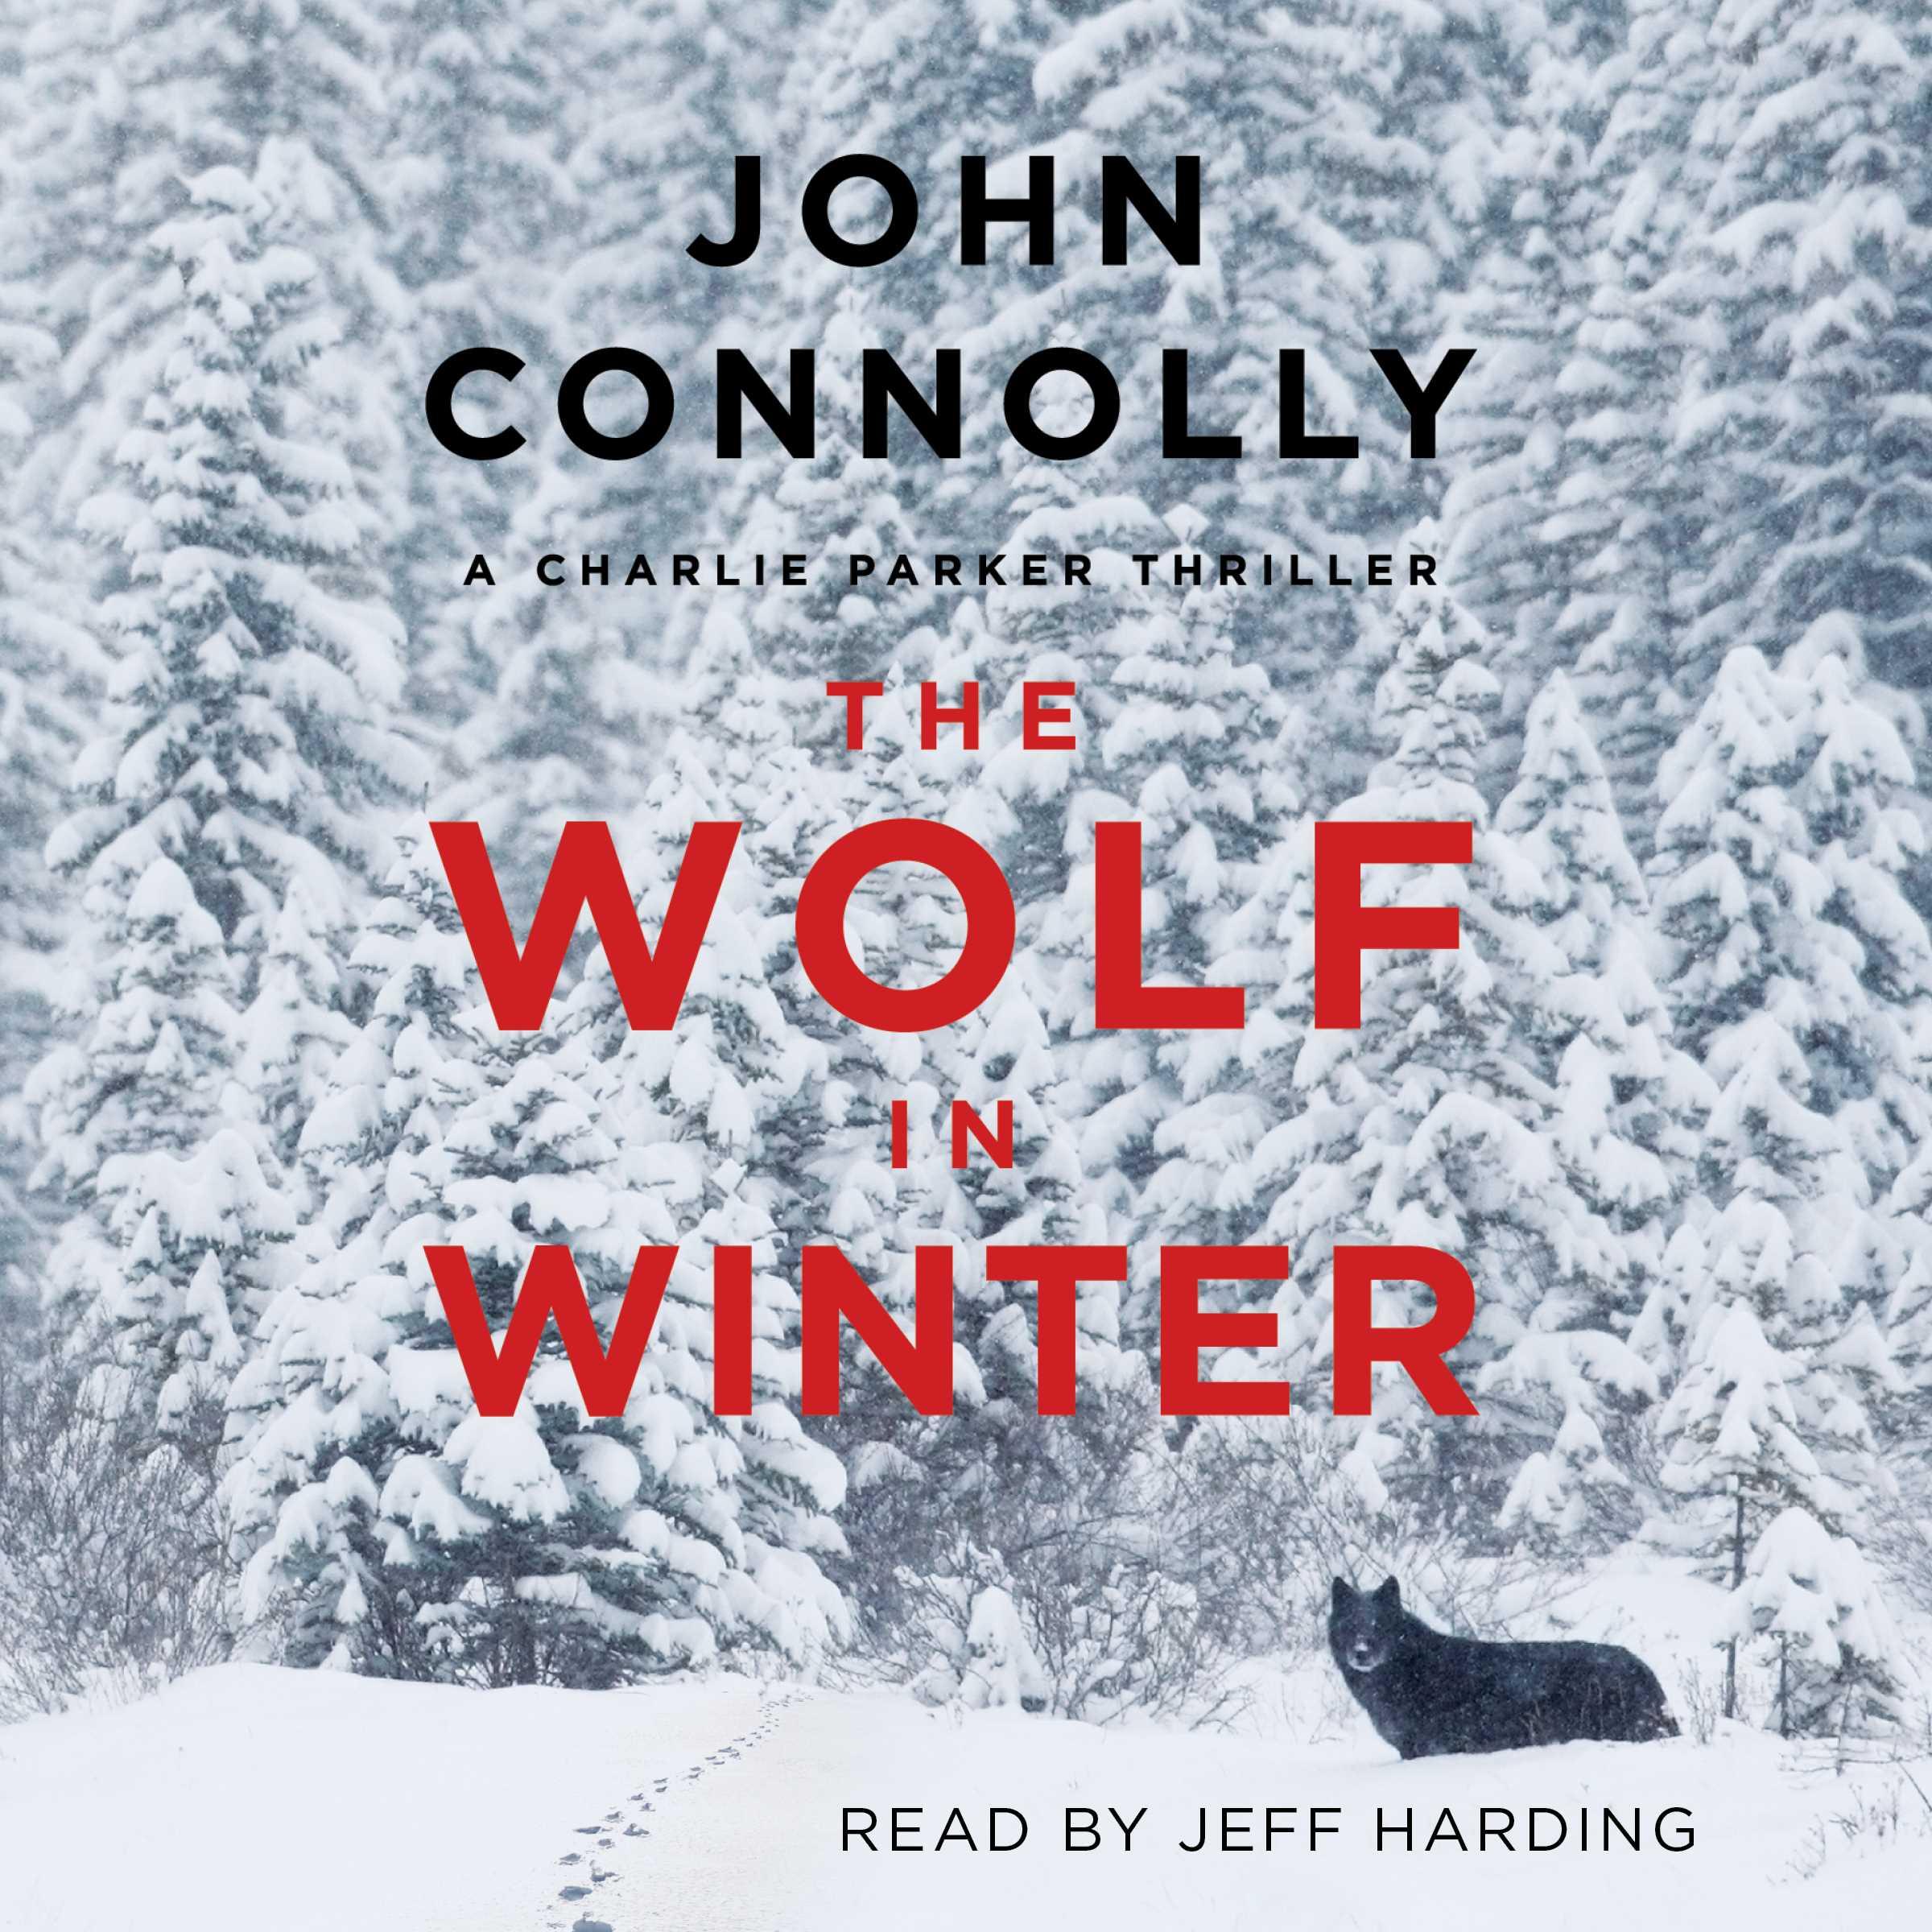 Wolf in winter 9781442369740 hr